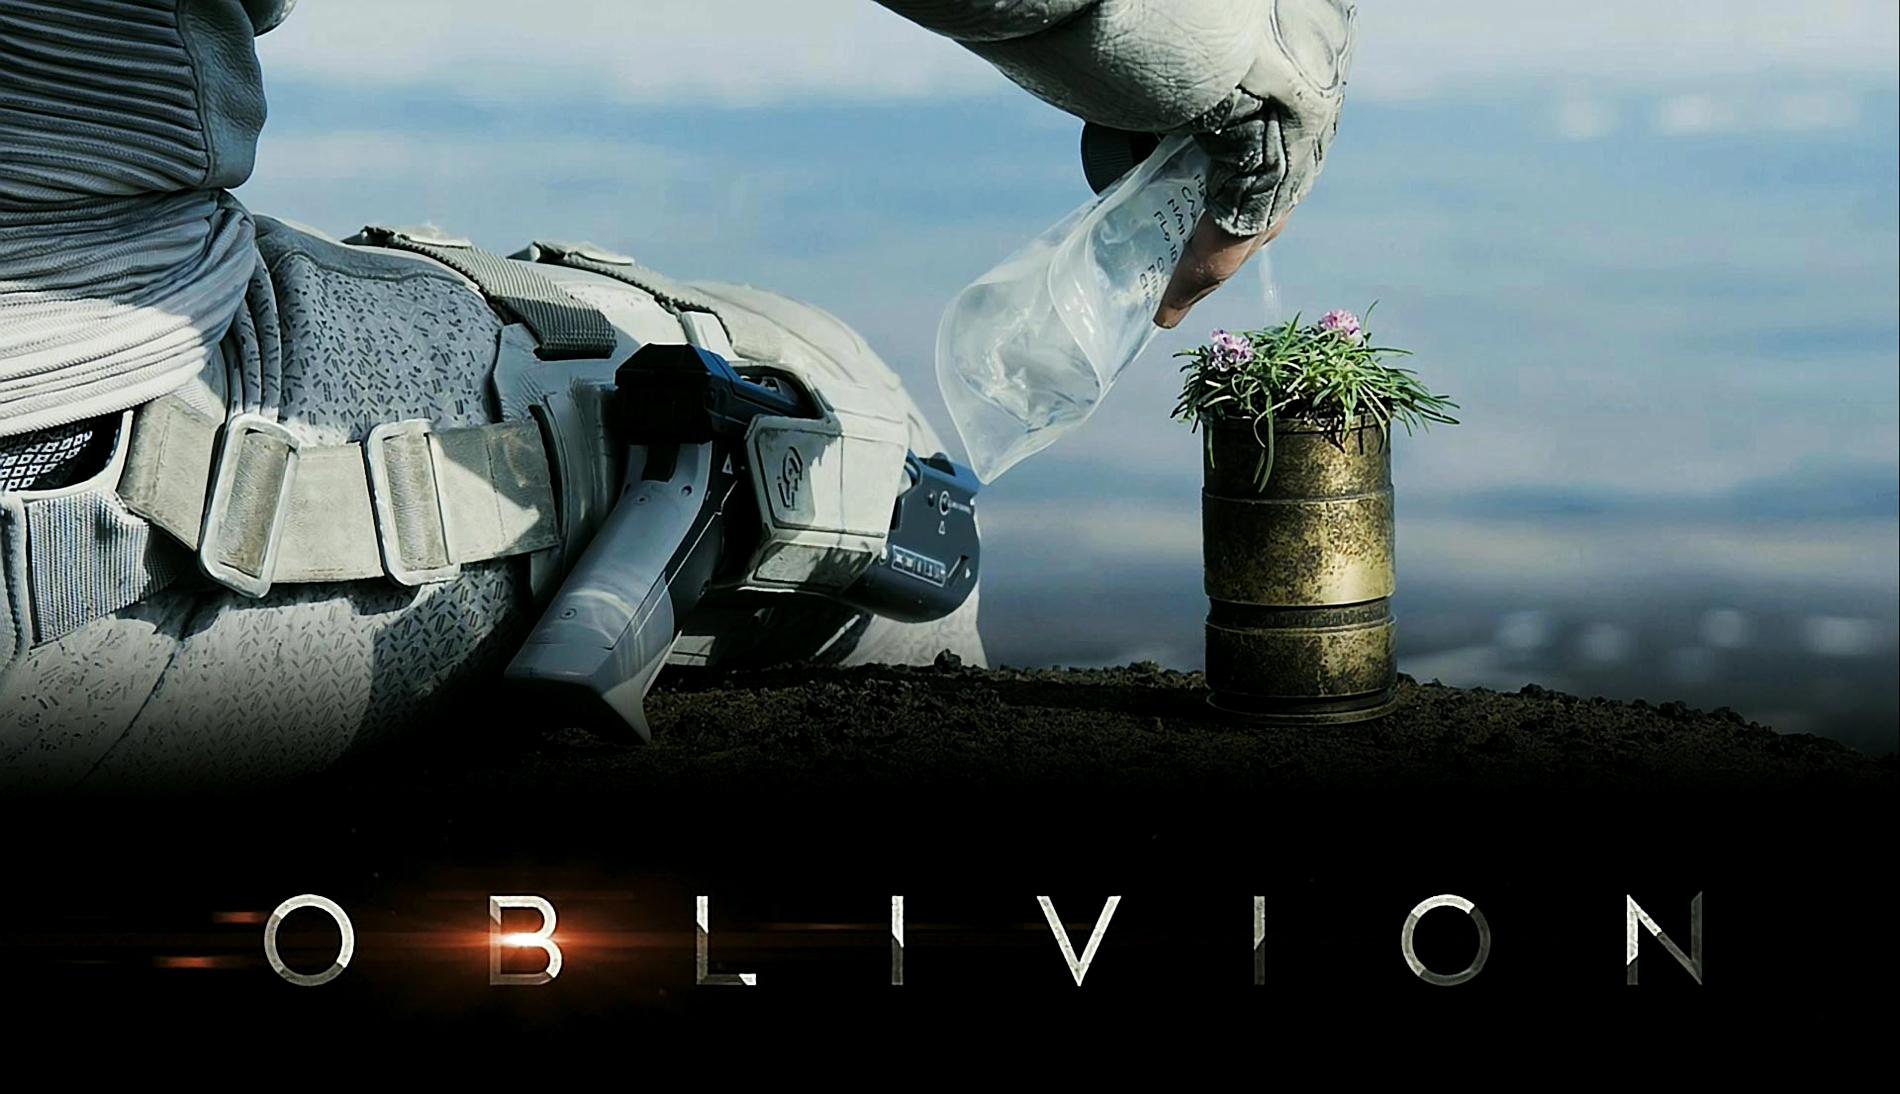 http://3.bp.blogspot.com/-eYiVCksaoF4/UMmZ7gR5KnI/AAAAAAAAGsk/NNPbl-kRSA4/s2000/Earth-is-a-memory-Oblivion-HD-Wallpaper_Vvallpaper.Net.jpg